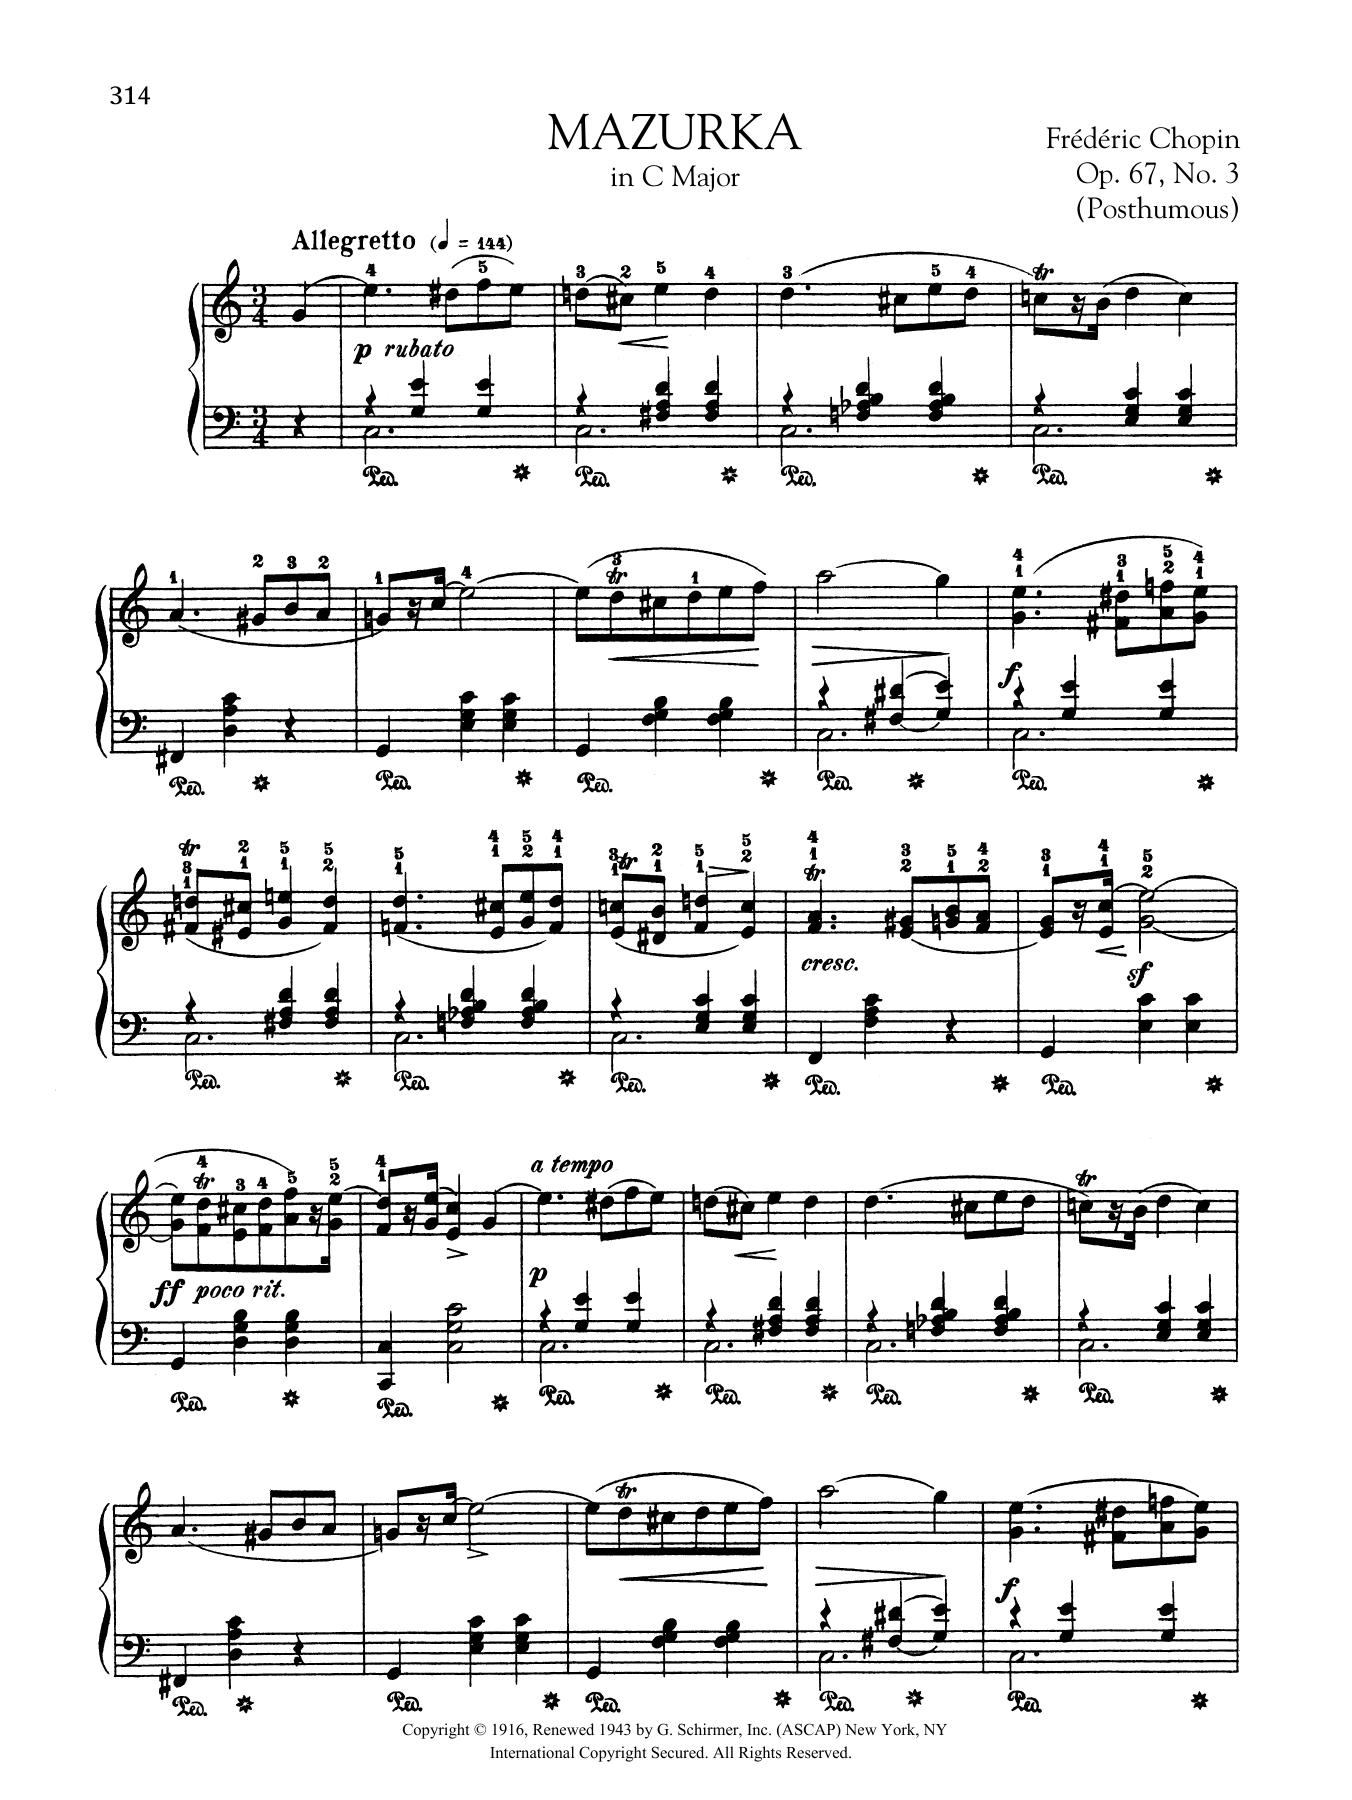 Mazurka in C Major, Op. 67, No. 3 (Posthumous) Sheet Music